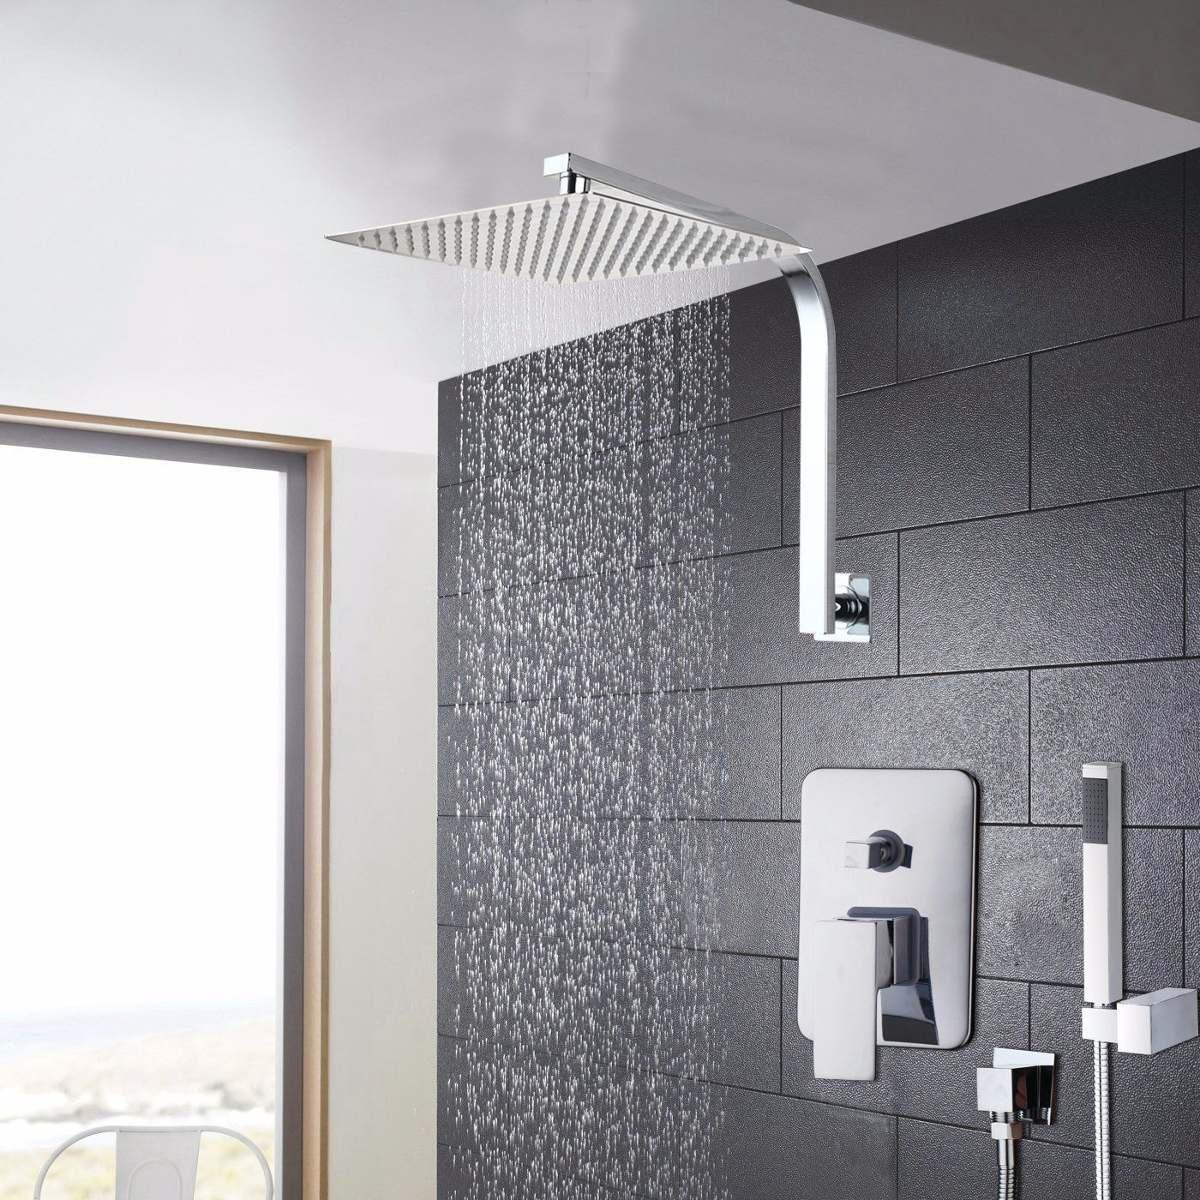 Regadera lluvia 20cm x 20cm mezcladora ducha de mano brazo for Mezcladora de ducha